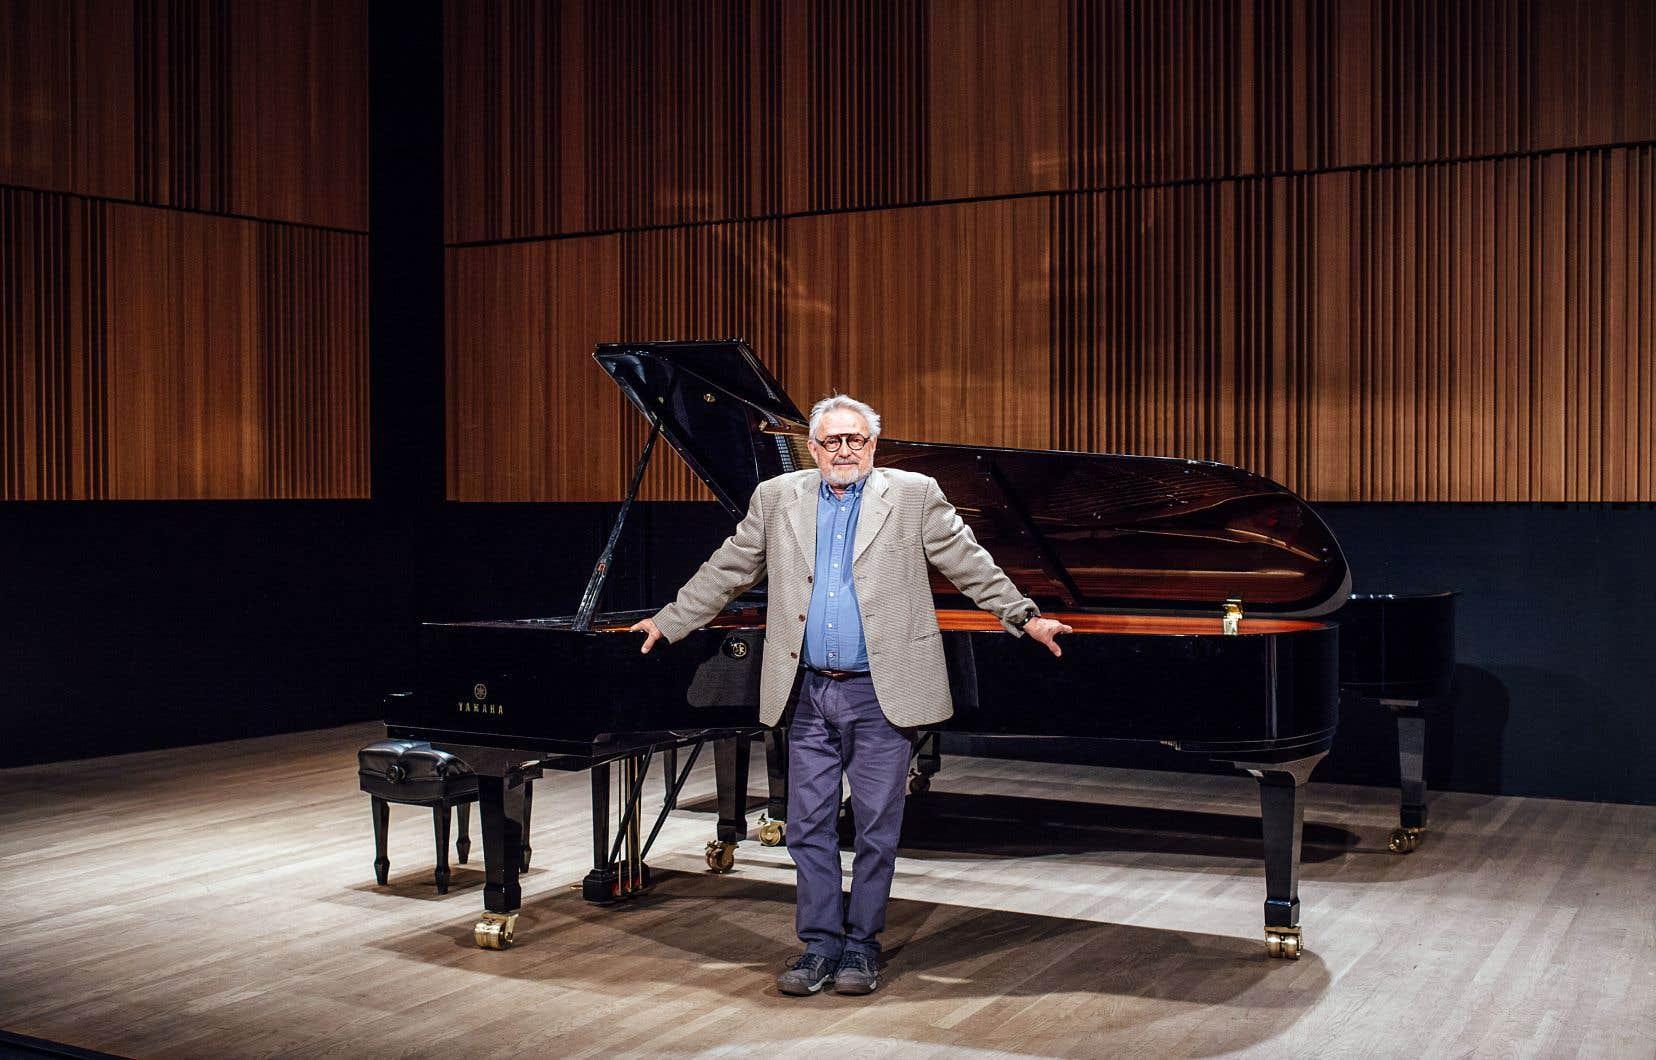 Bruno Laplante a toujours mis des compositeurs québécois à son répertoire: «J'ai fait le tour du monde, chantant dans 40 pays. Je n'avais pas d'éditions disponibles, mais partout je chantais deux mélodies de Calixa Lavallée, le cycle Éluard de Clermont Pépin et quelques mélodies drôles de Lionel Daunais.»